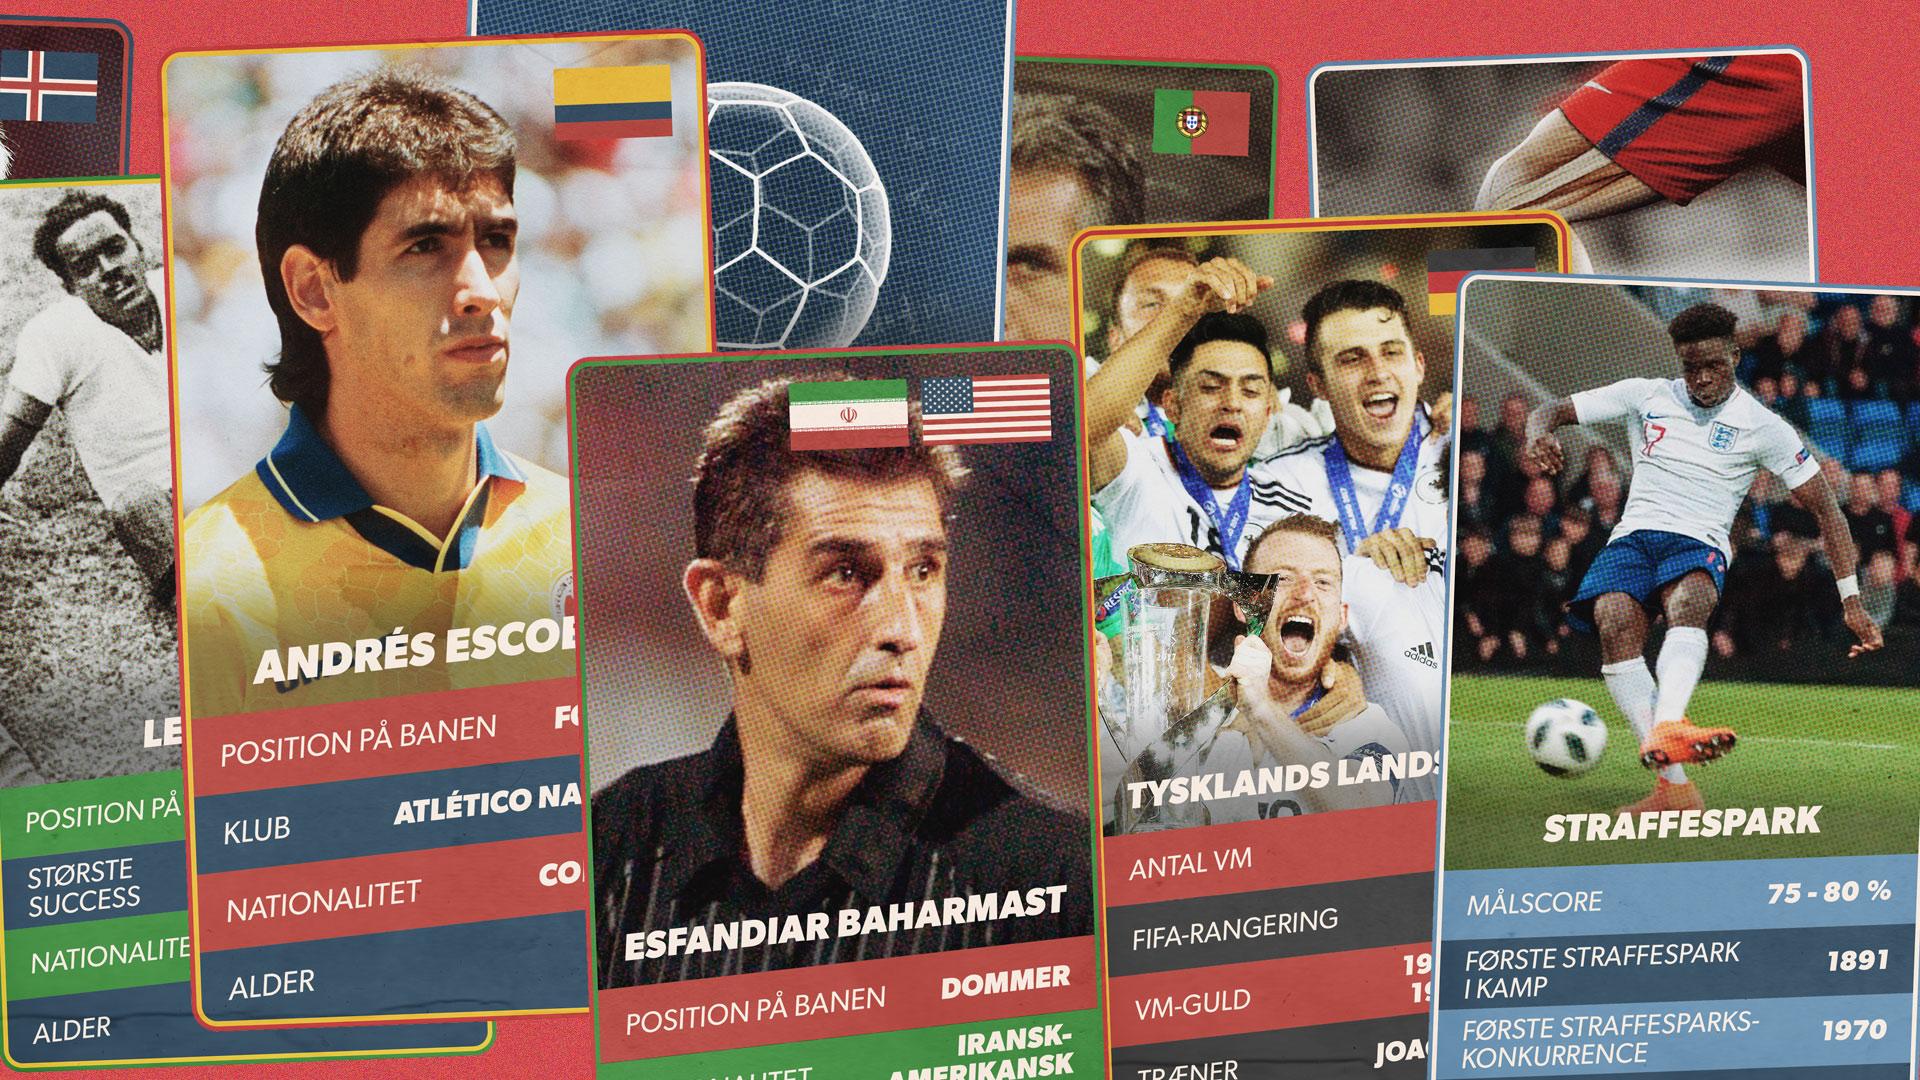 VM - Vores bedste fortællinger)